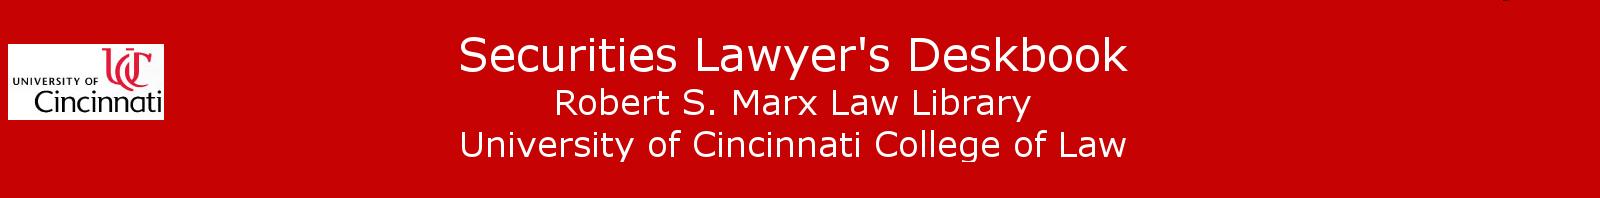 Securities Lawyer's Deskbook